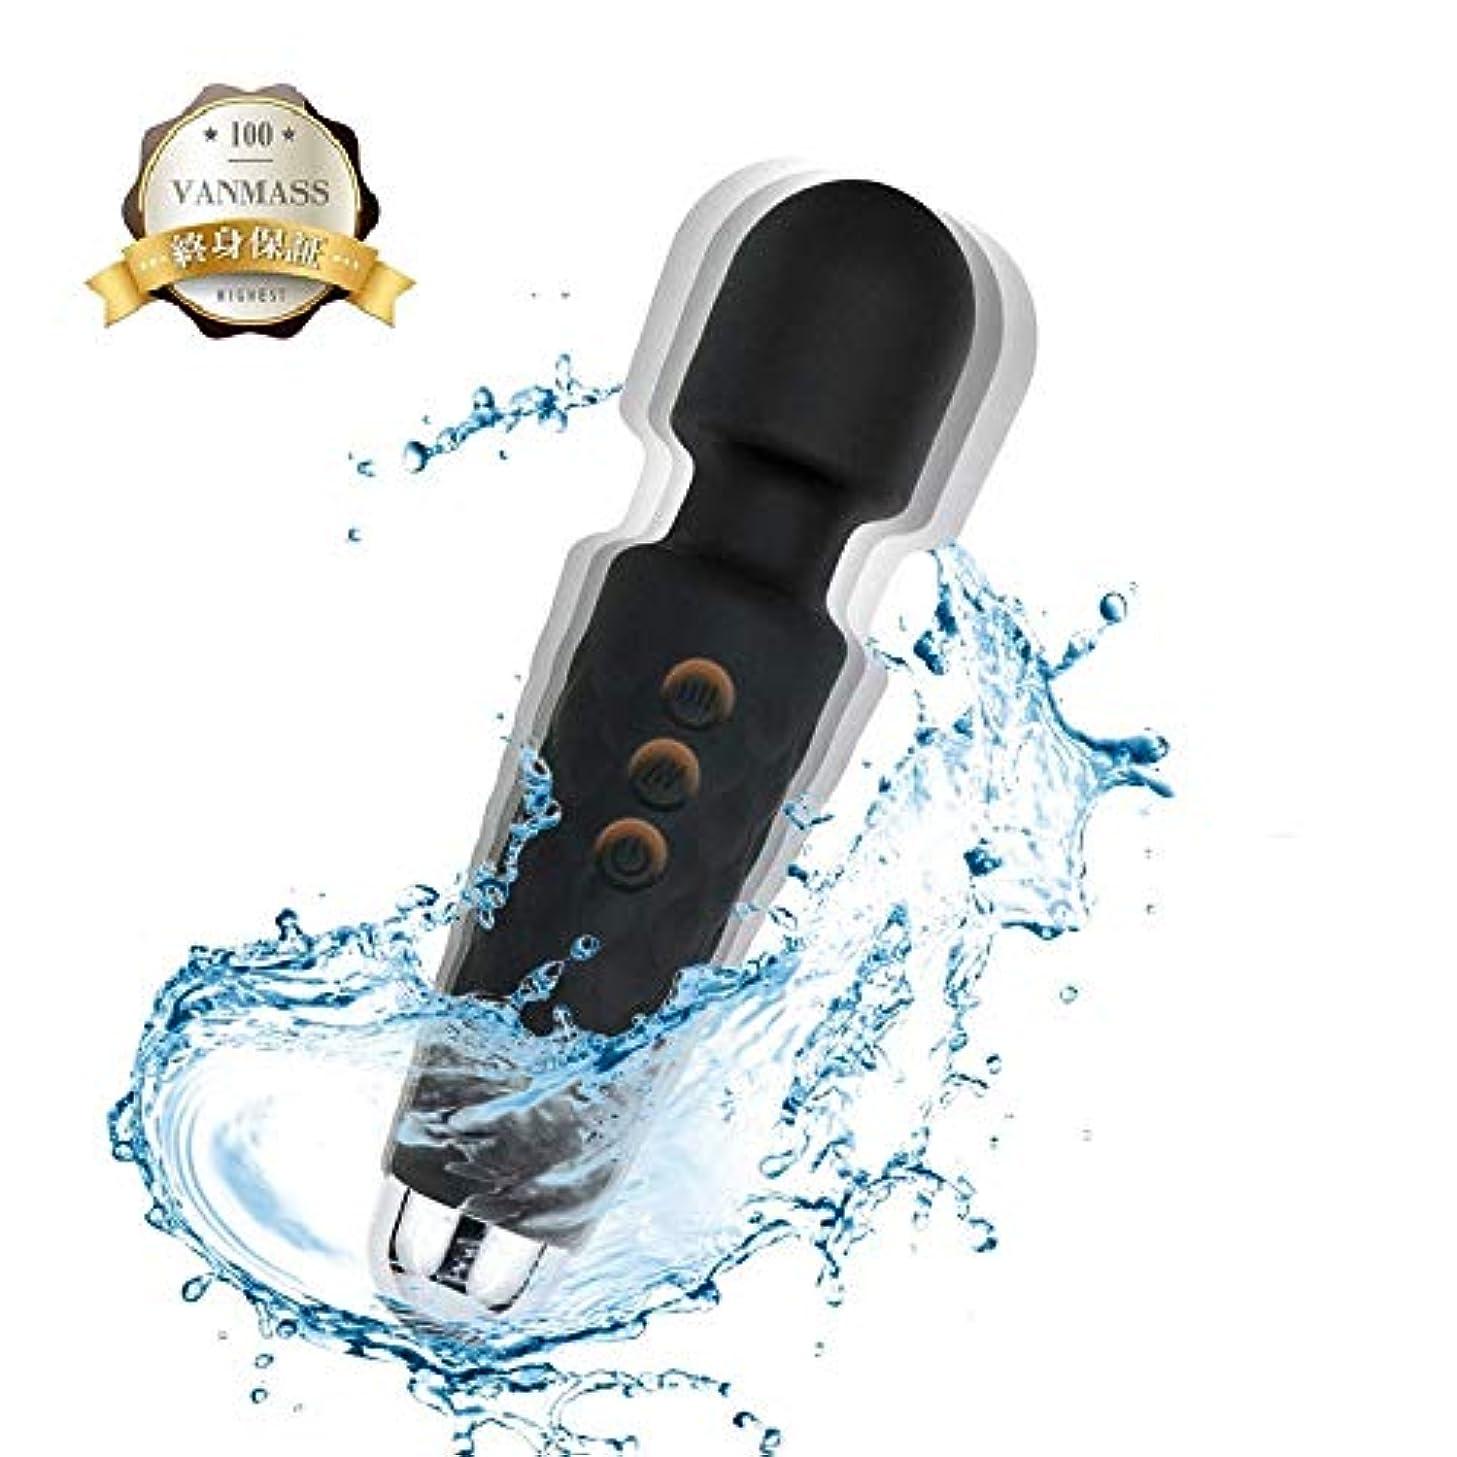 ハンディマッサージャー supersakura 小型 電動マッサージ器 28種振動モード コードレス USB充電式 静音 防水【商標 第2018-144379号】